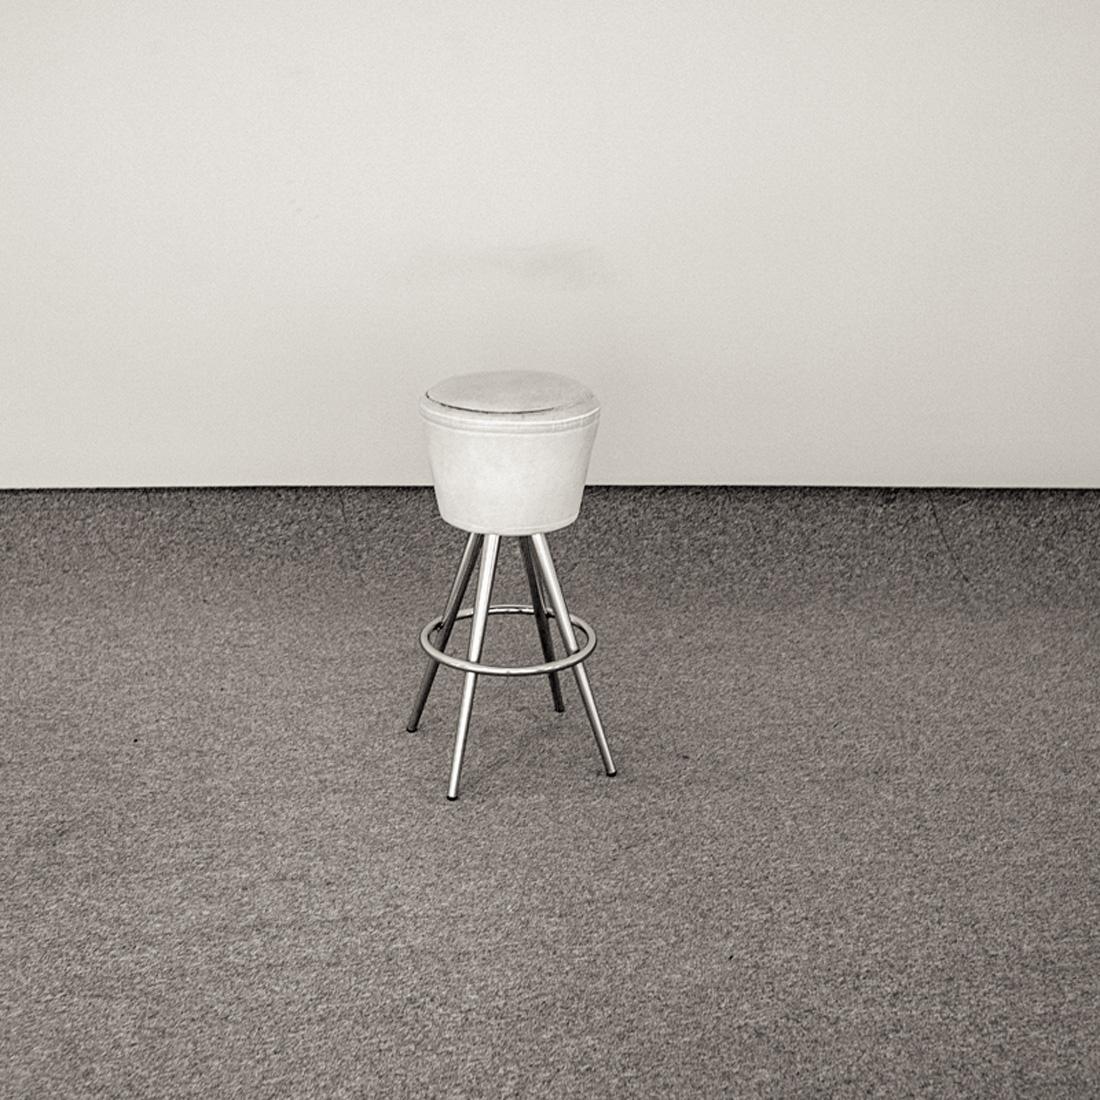 estudio 8461. Niemeyer. Avilés. 2017 -